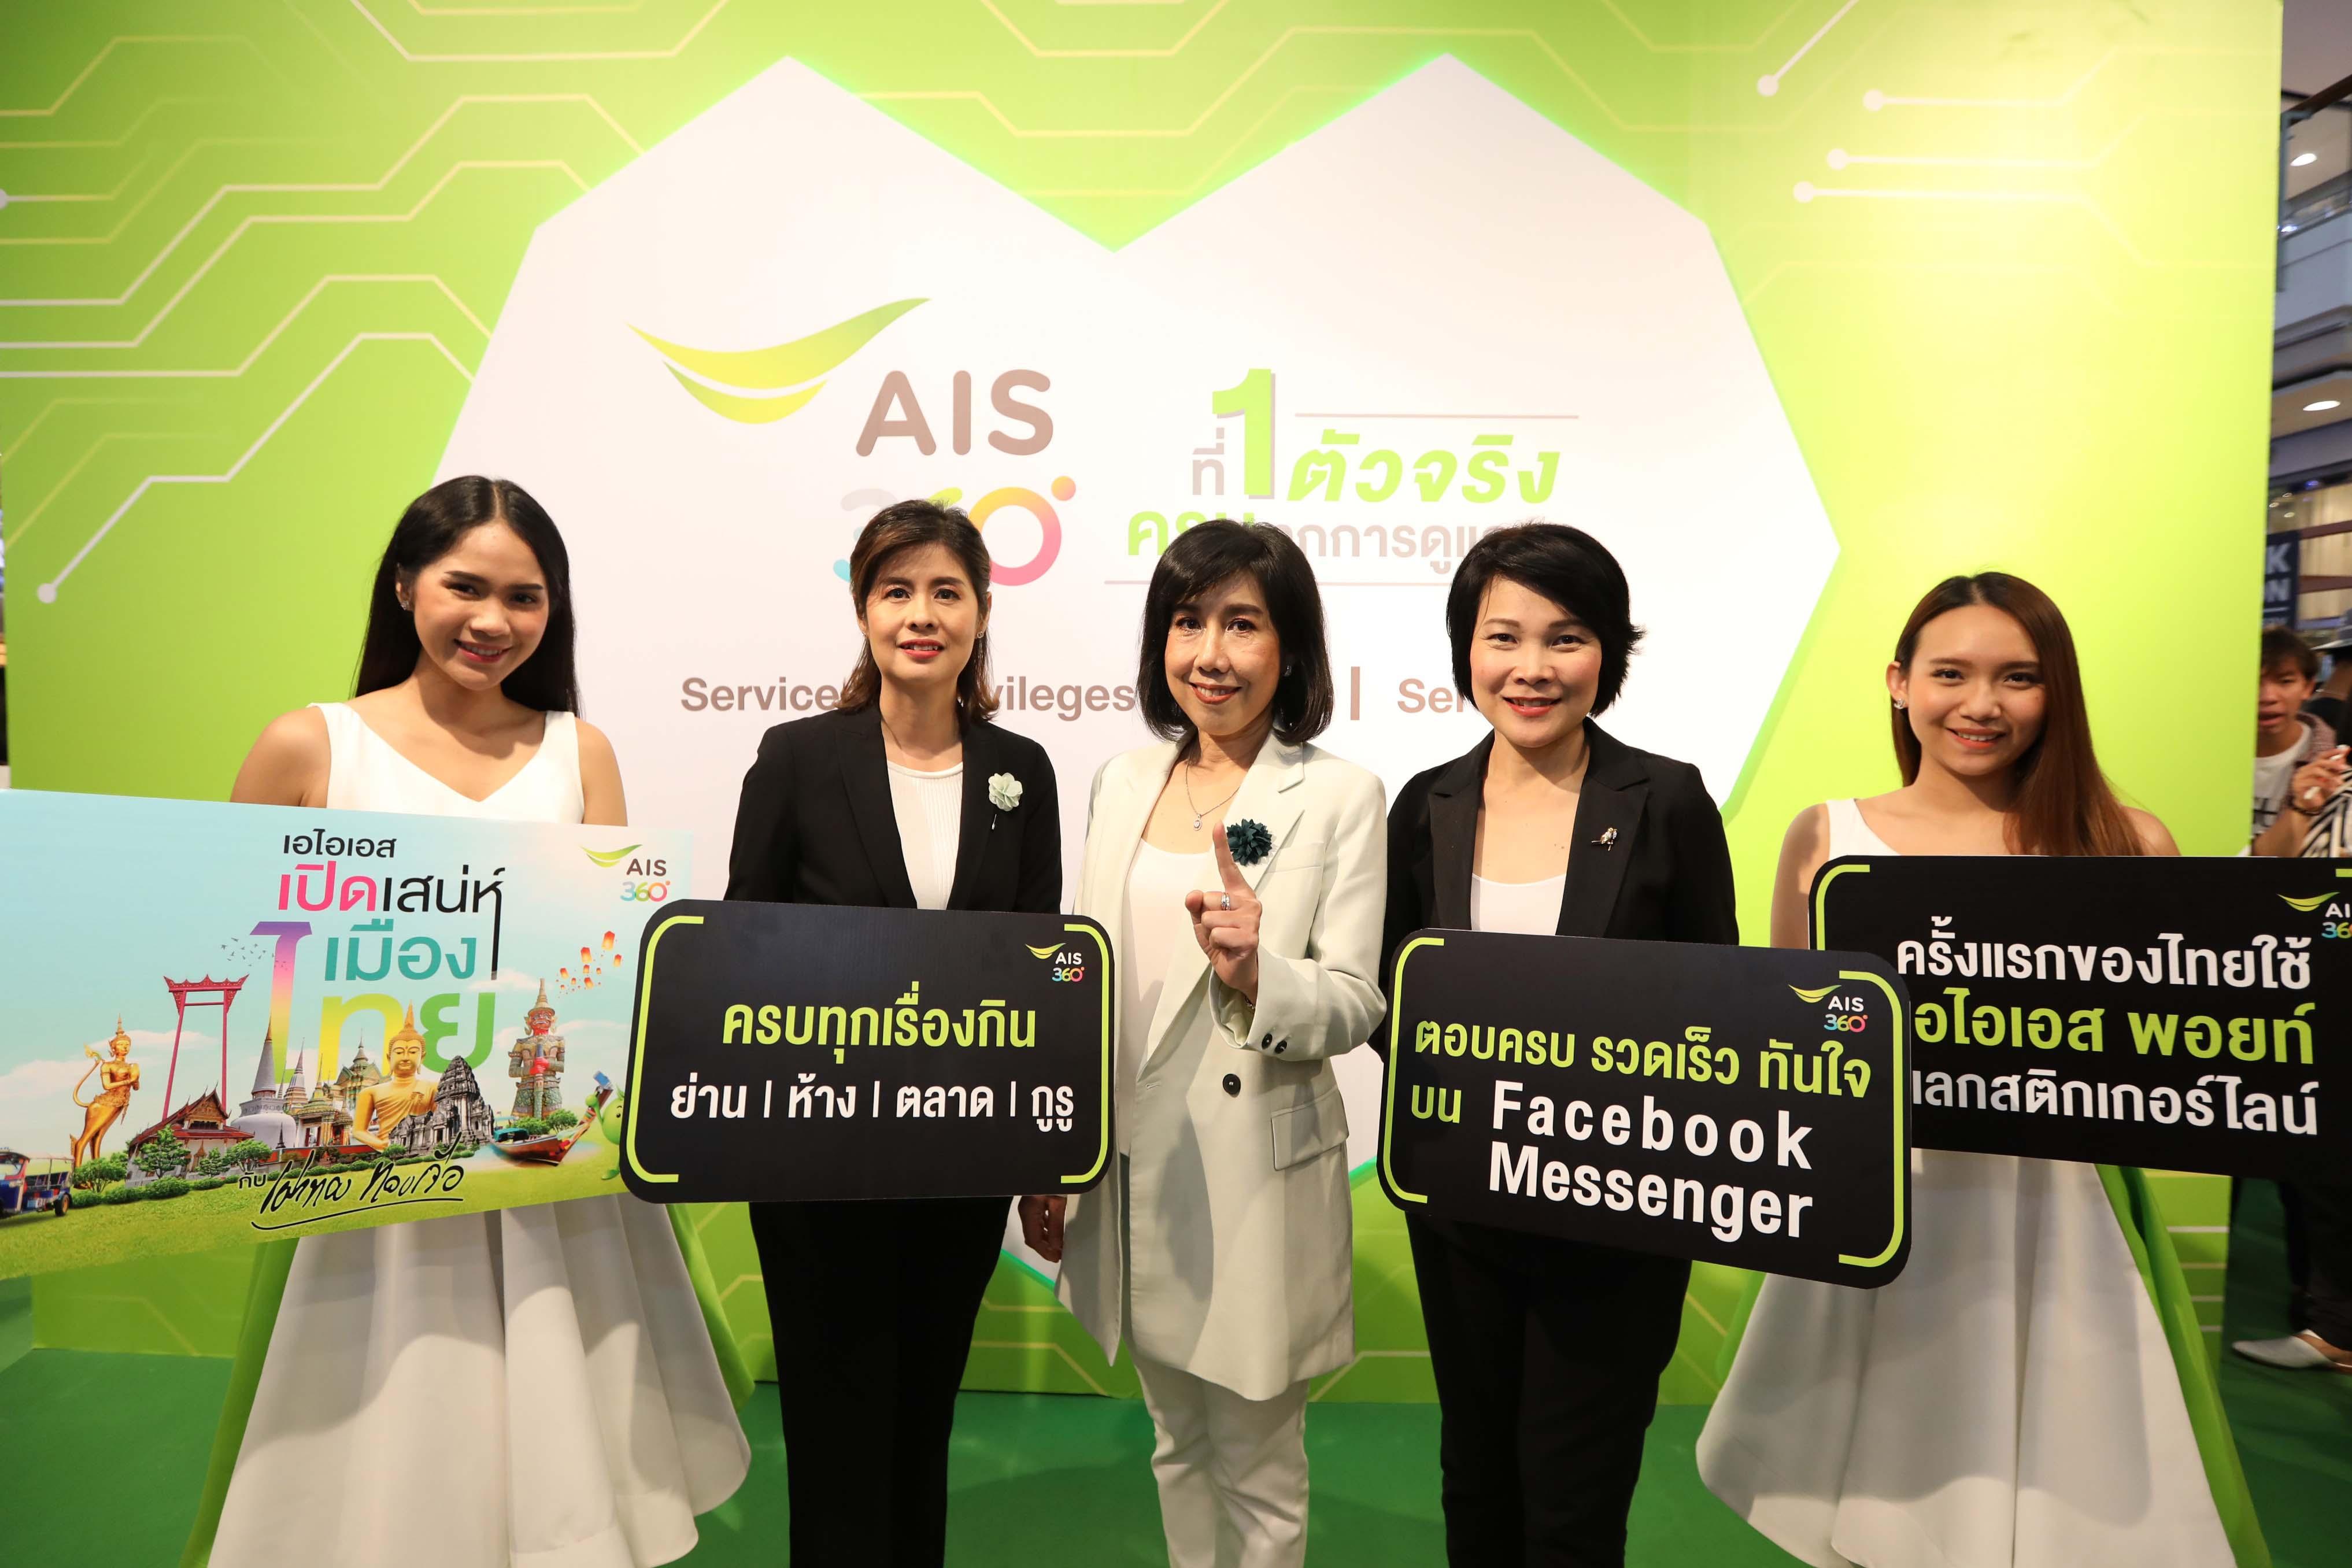 """AIS นำ AI เสริมทัพออนไลน์, โซเชียล ย้ำกลยุทธ์ """"AIS360๐ ที่ 1 ตัวจริง ครบทุกการดูแล"""""""